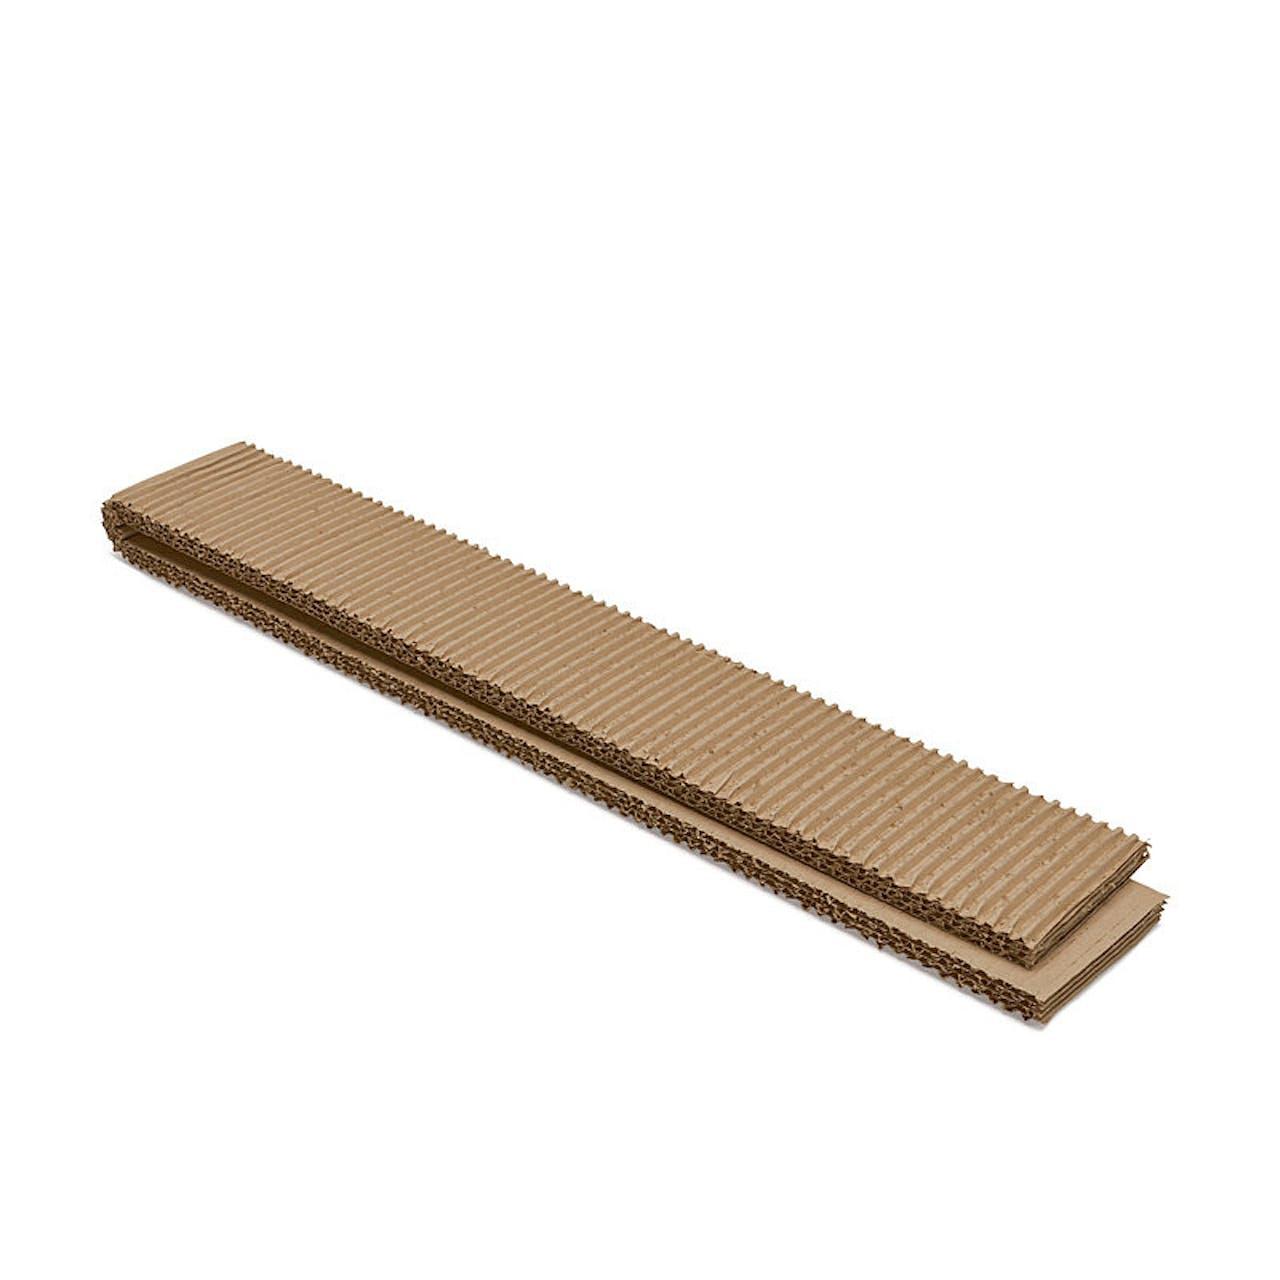 Wellpapp-Polster Weichplatten